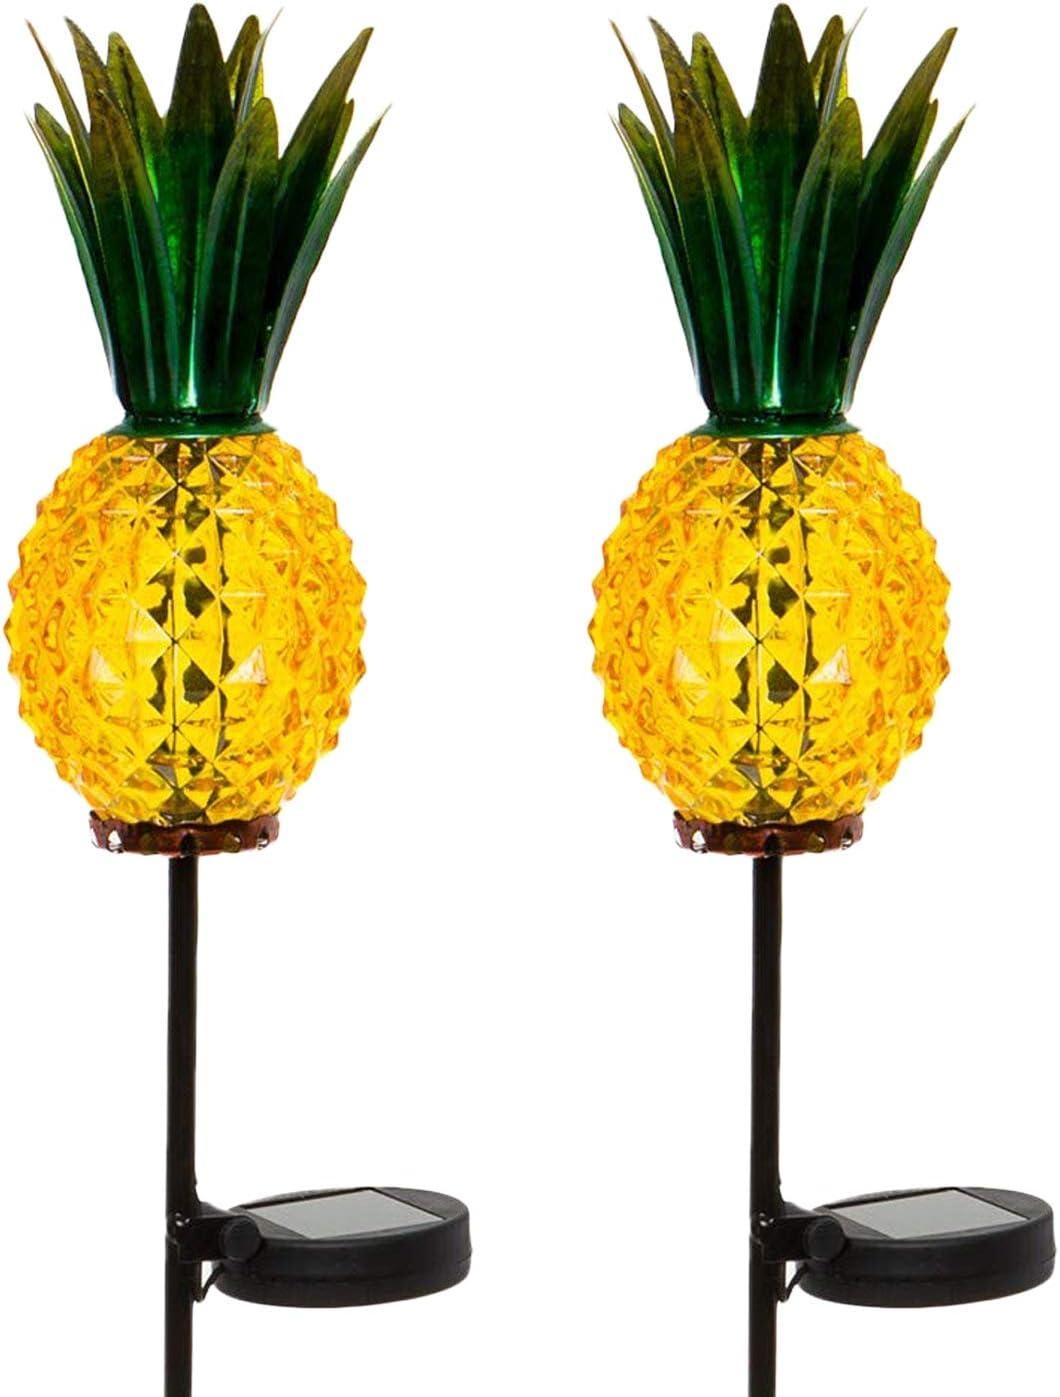 Hortusol Naturally Solar Garden Glass Pineapple Stake Lights Solar LED Path Lights Amber, 2 Pack